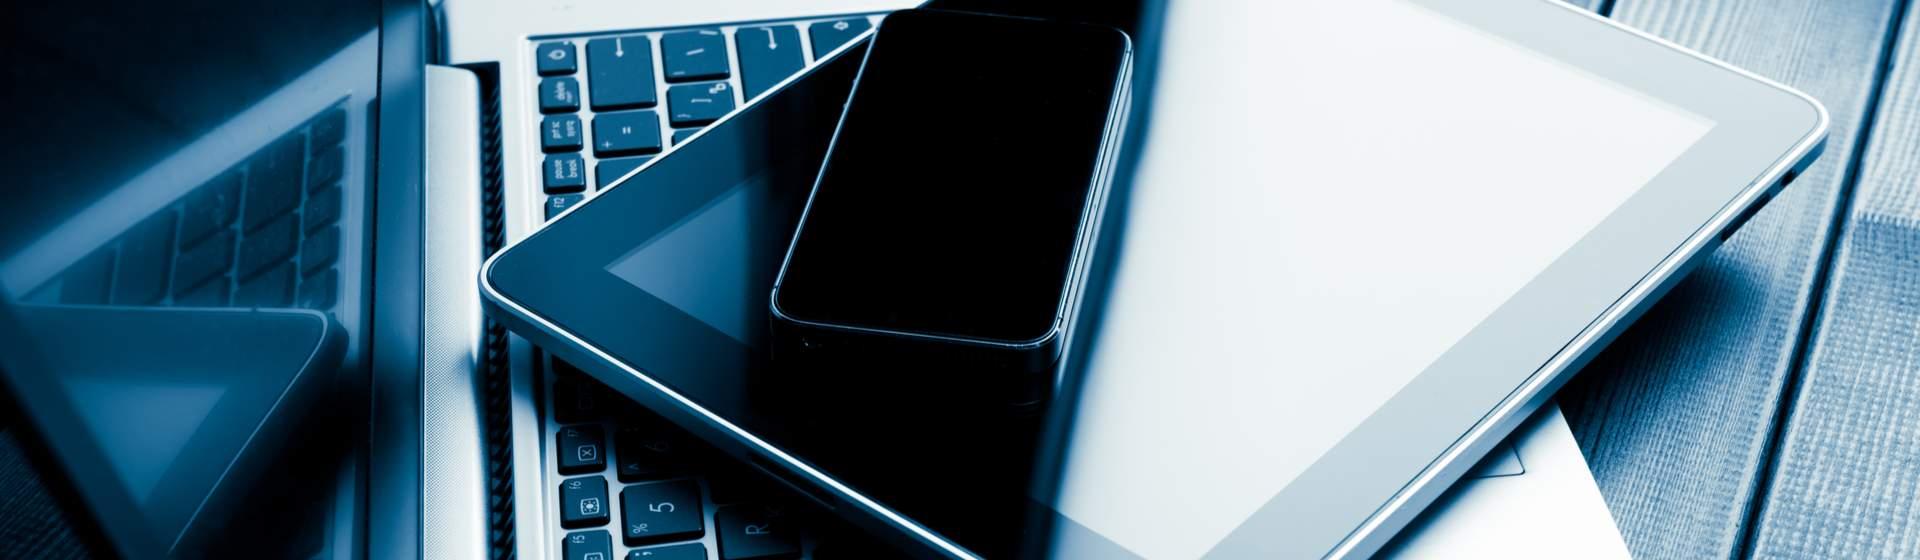 Notebook ou tablet: qual é o melhor?